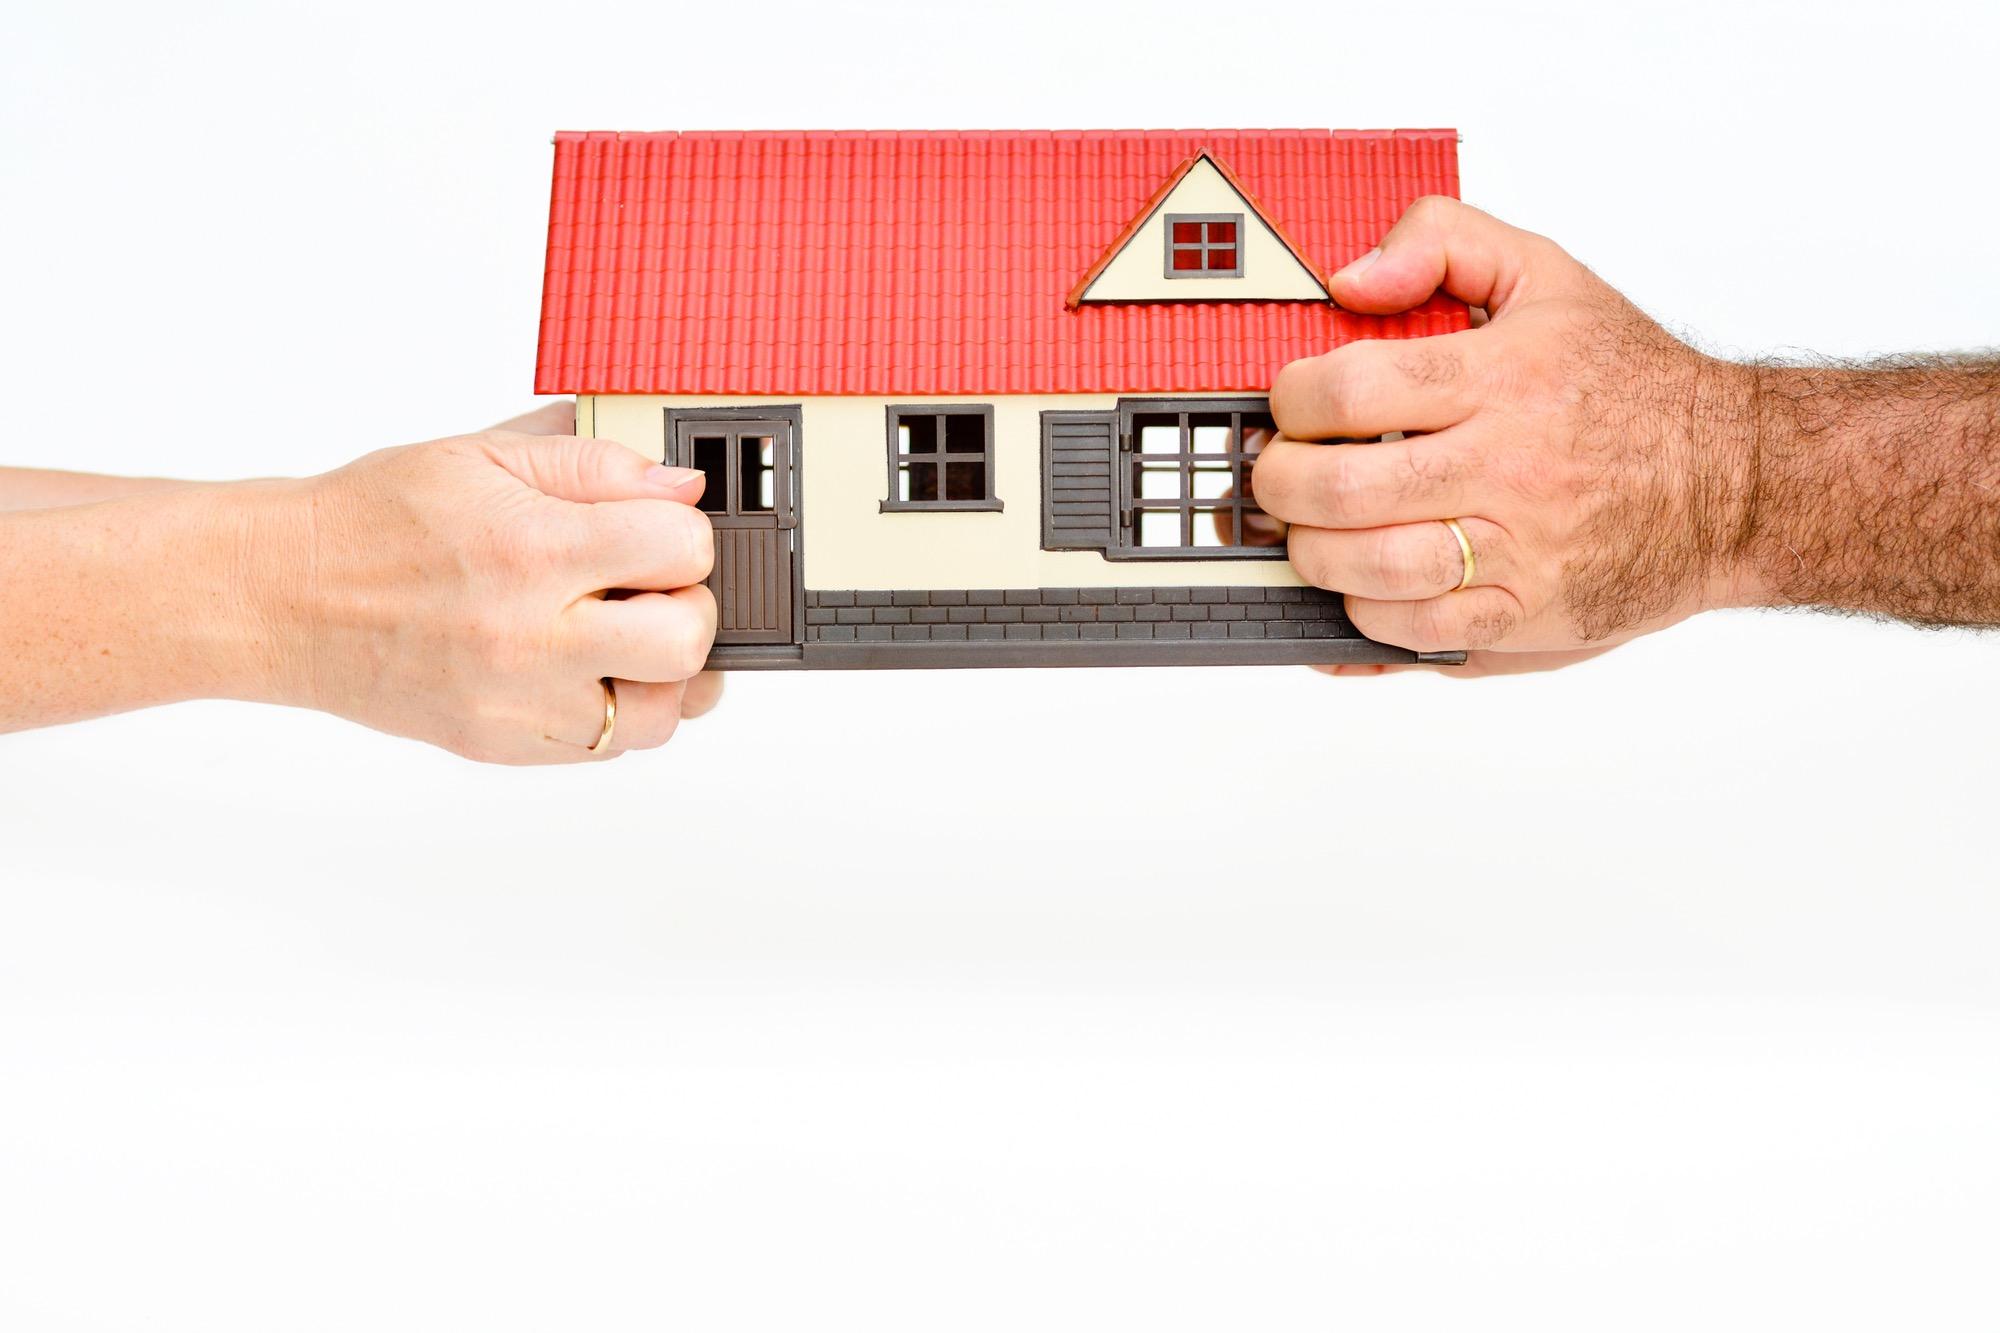 Division of Premarital Assets During Divorce